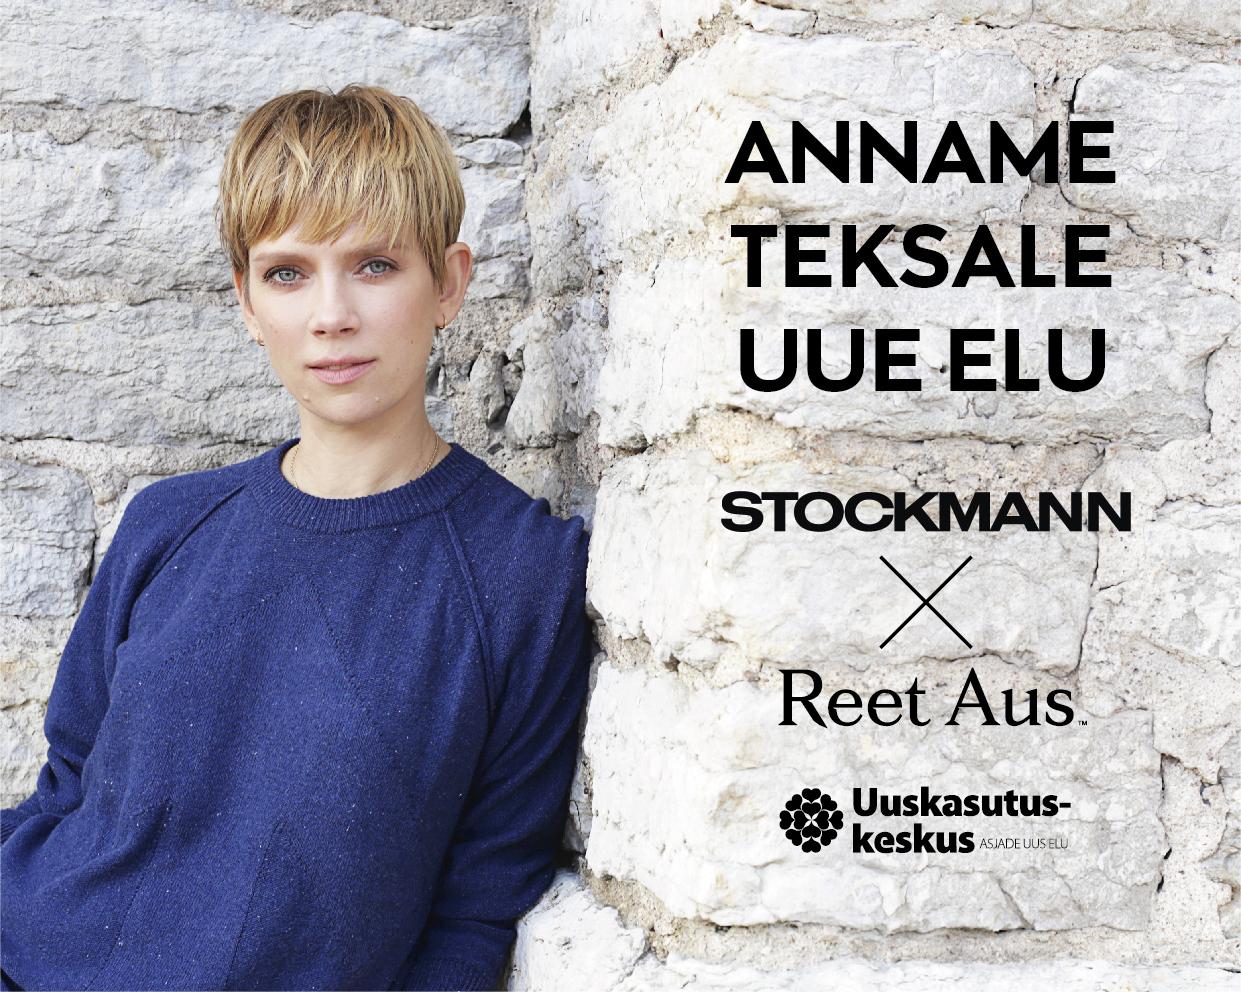 Reet Aus, Uuskasutuskeskus ja Stockmann annavad üheskoos teksadele uue elu